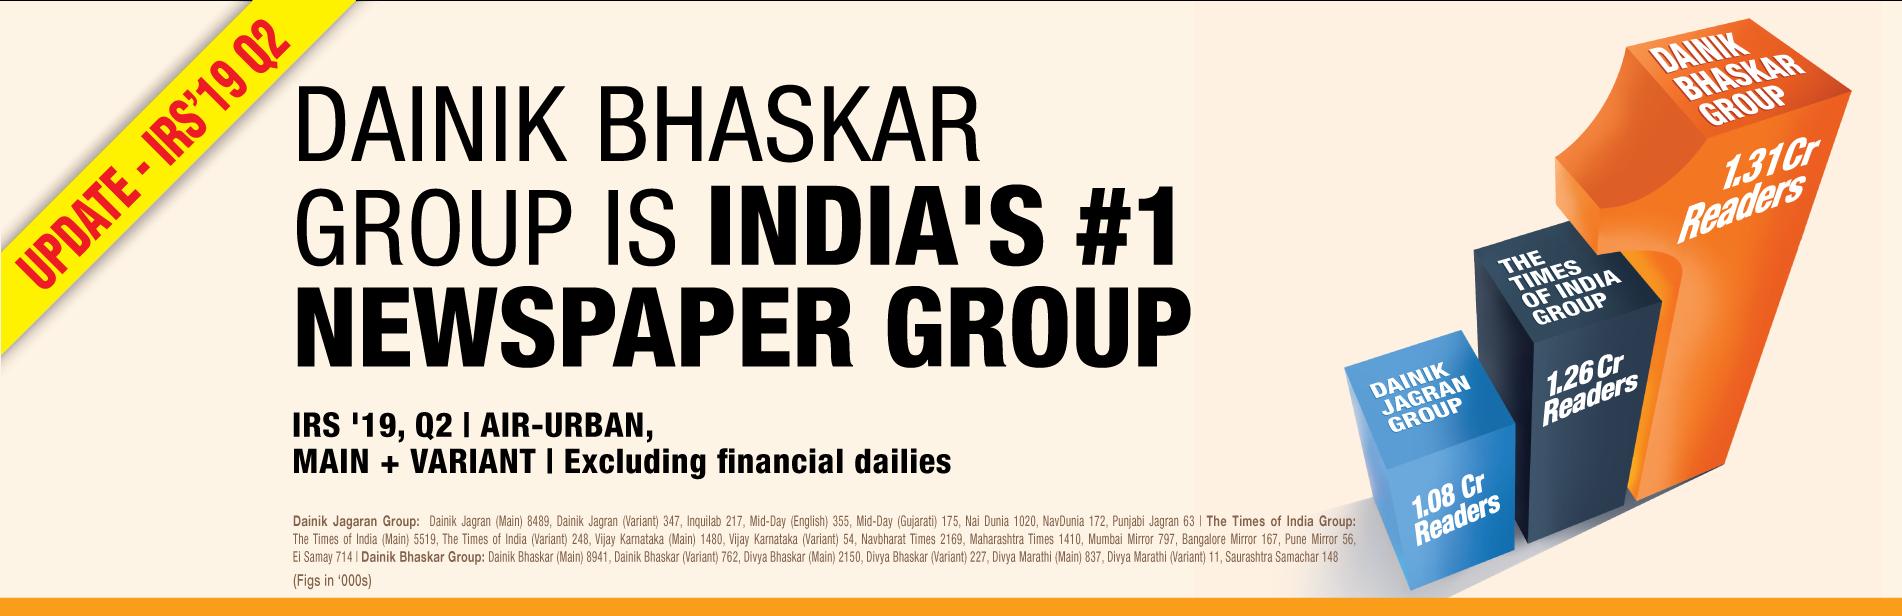 Dainik Bhaskar Group